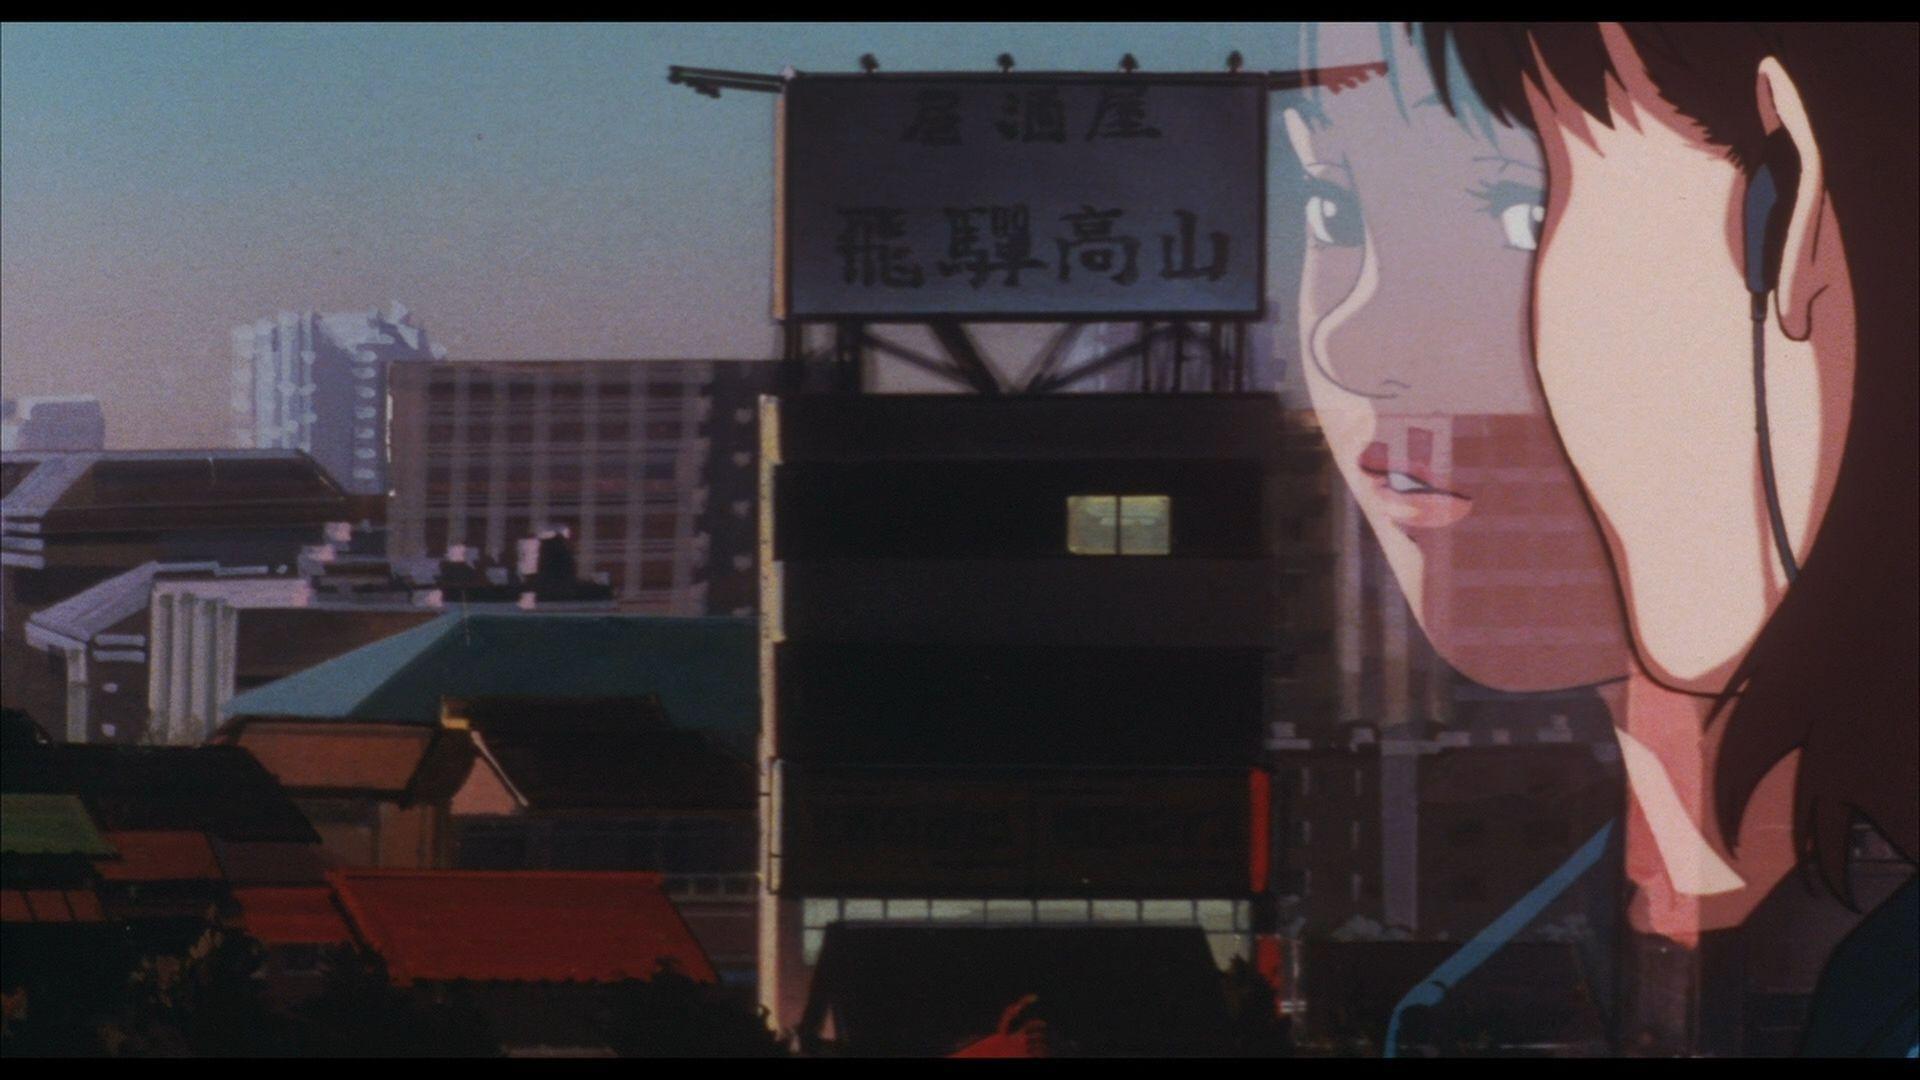 1920x1080 Phim Noir Anime: Thực hiện chuyến đi về phía hoang dã!